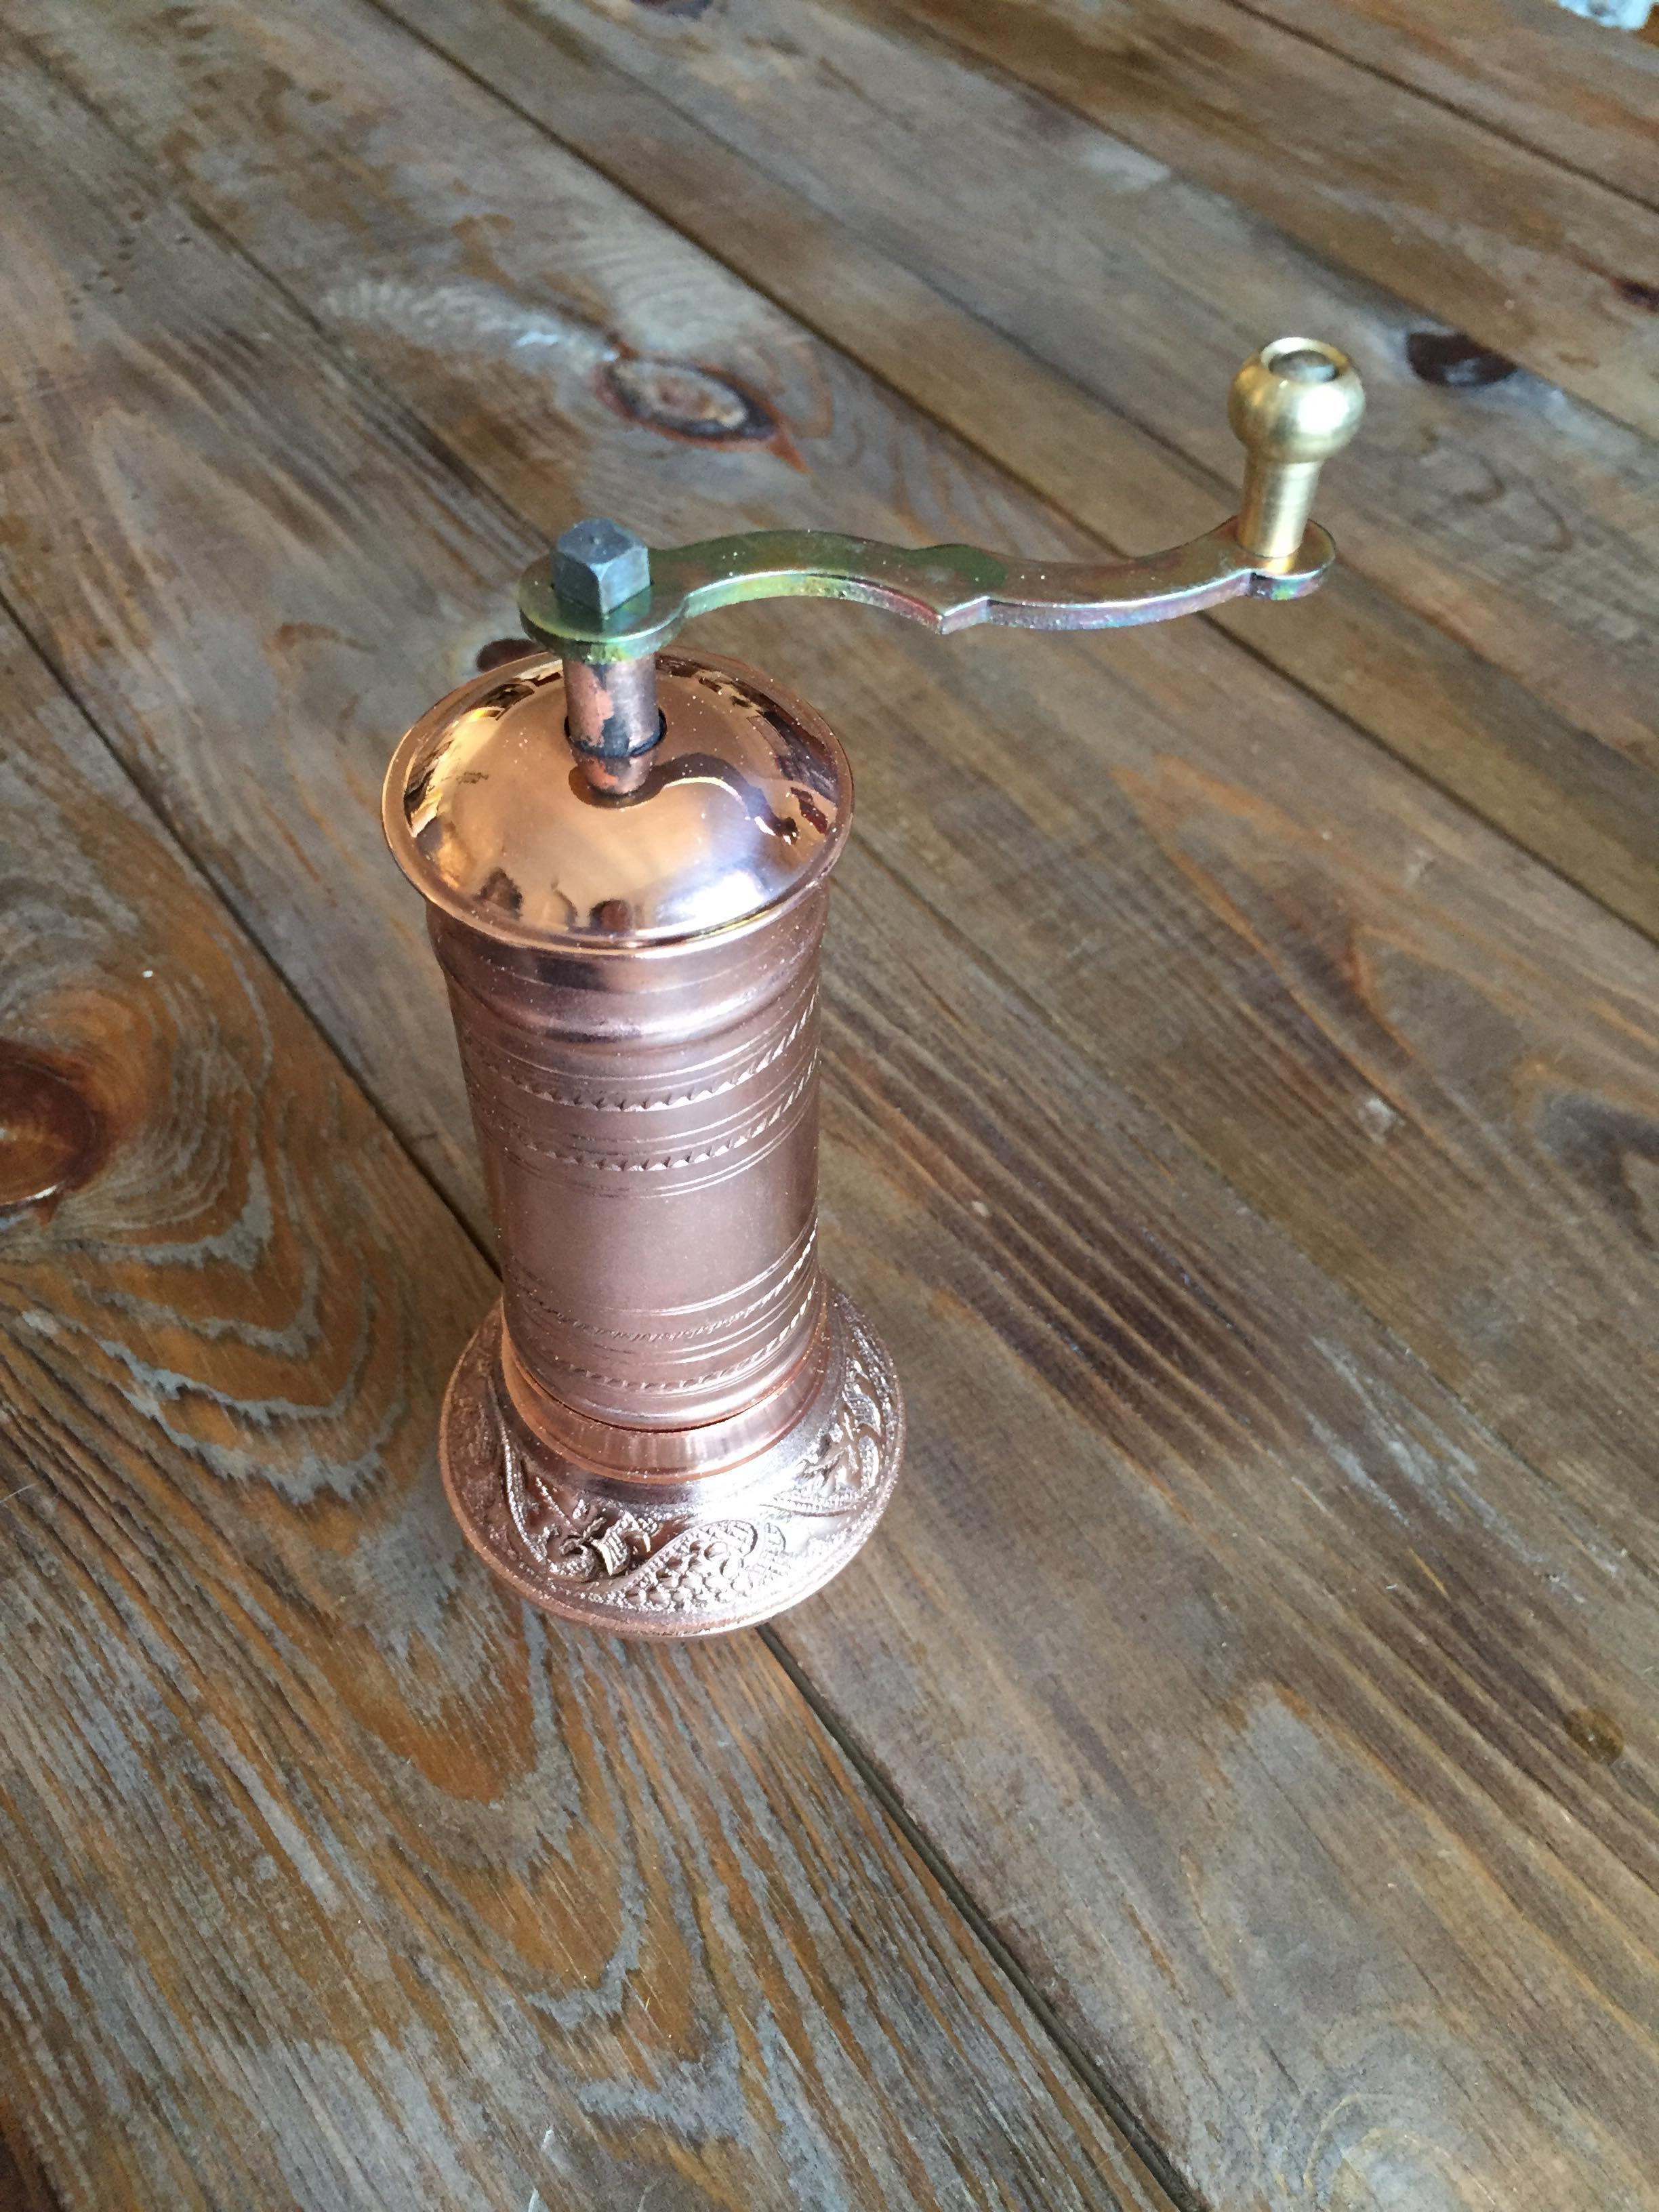 Épinglé sur Sozen Coffee grinders and Spice grinders